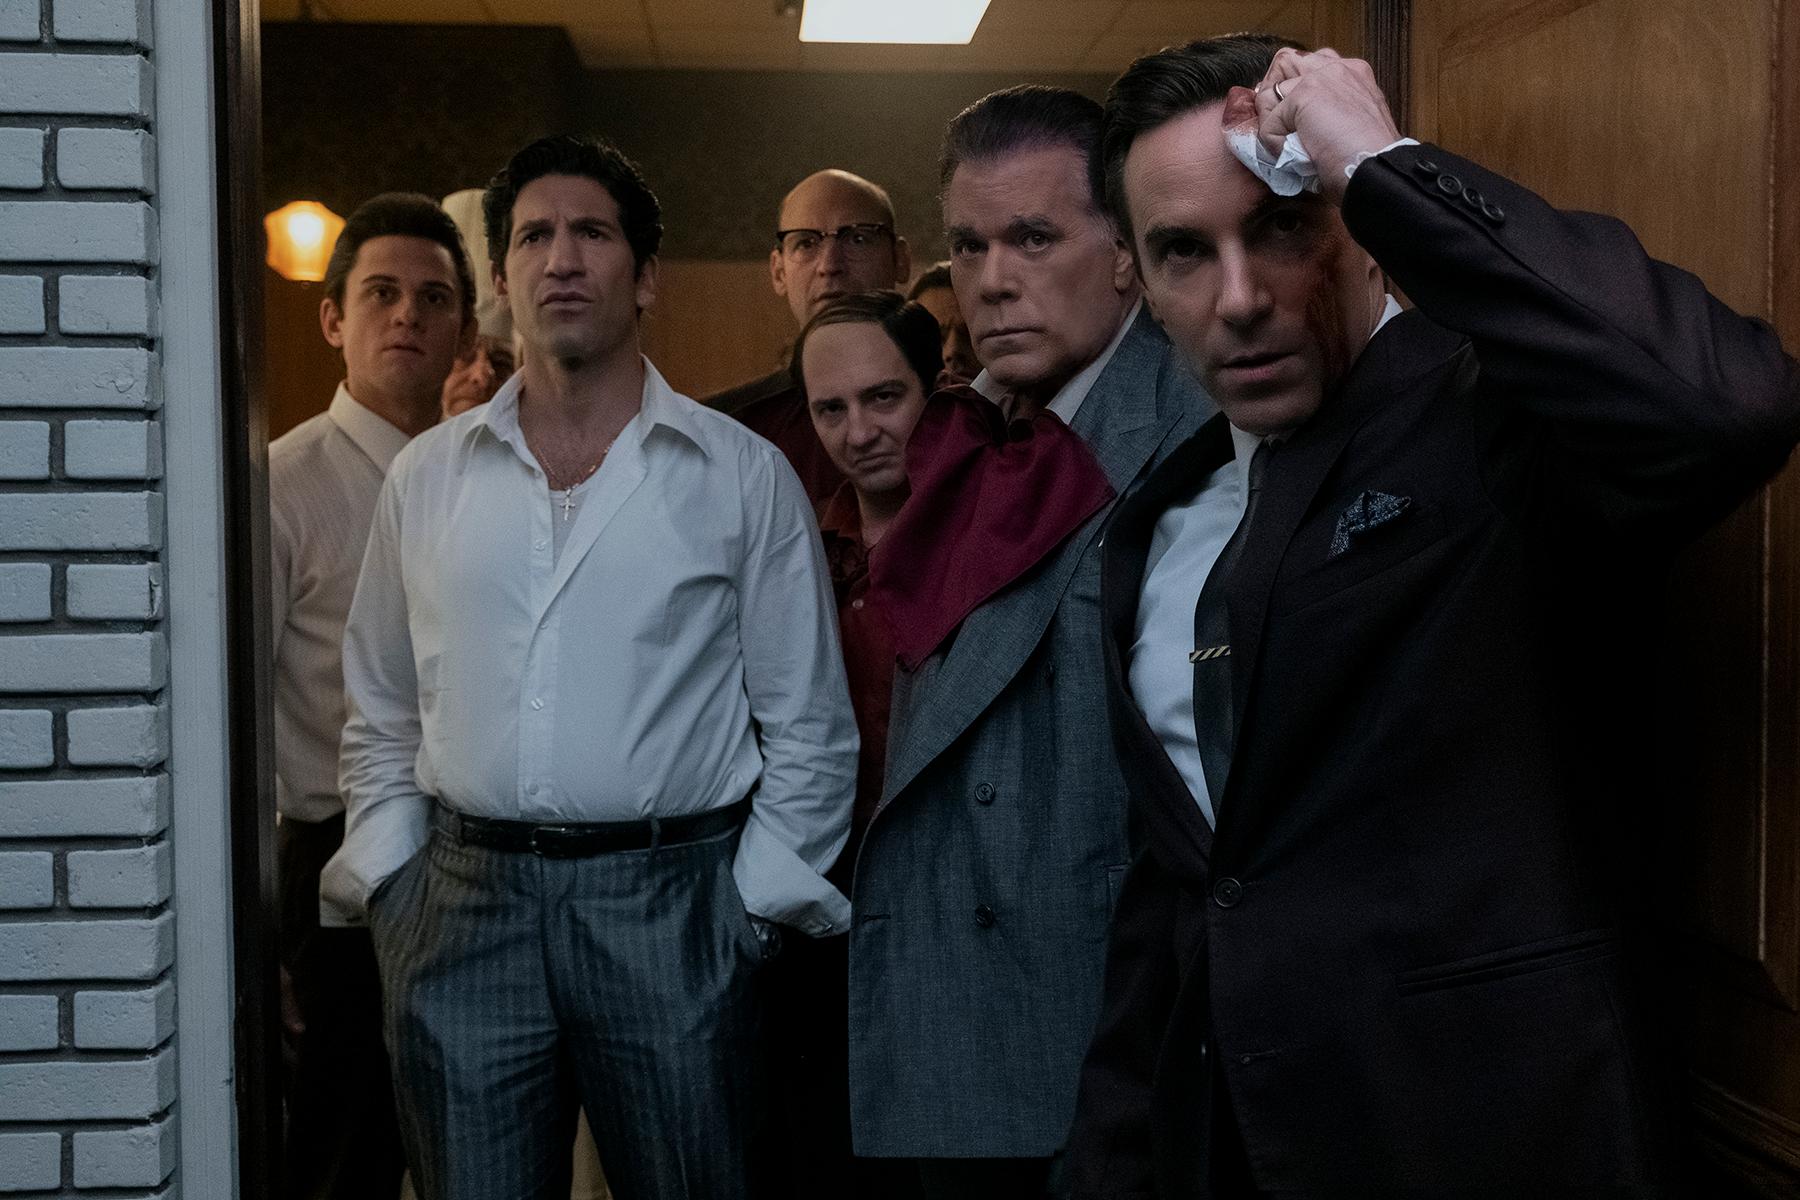 'The Many Saints of Newark' Trailer: Alessandro Nivola, Ray Liotta Talk Deadly 'Good Deed'